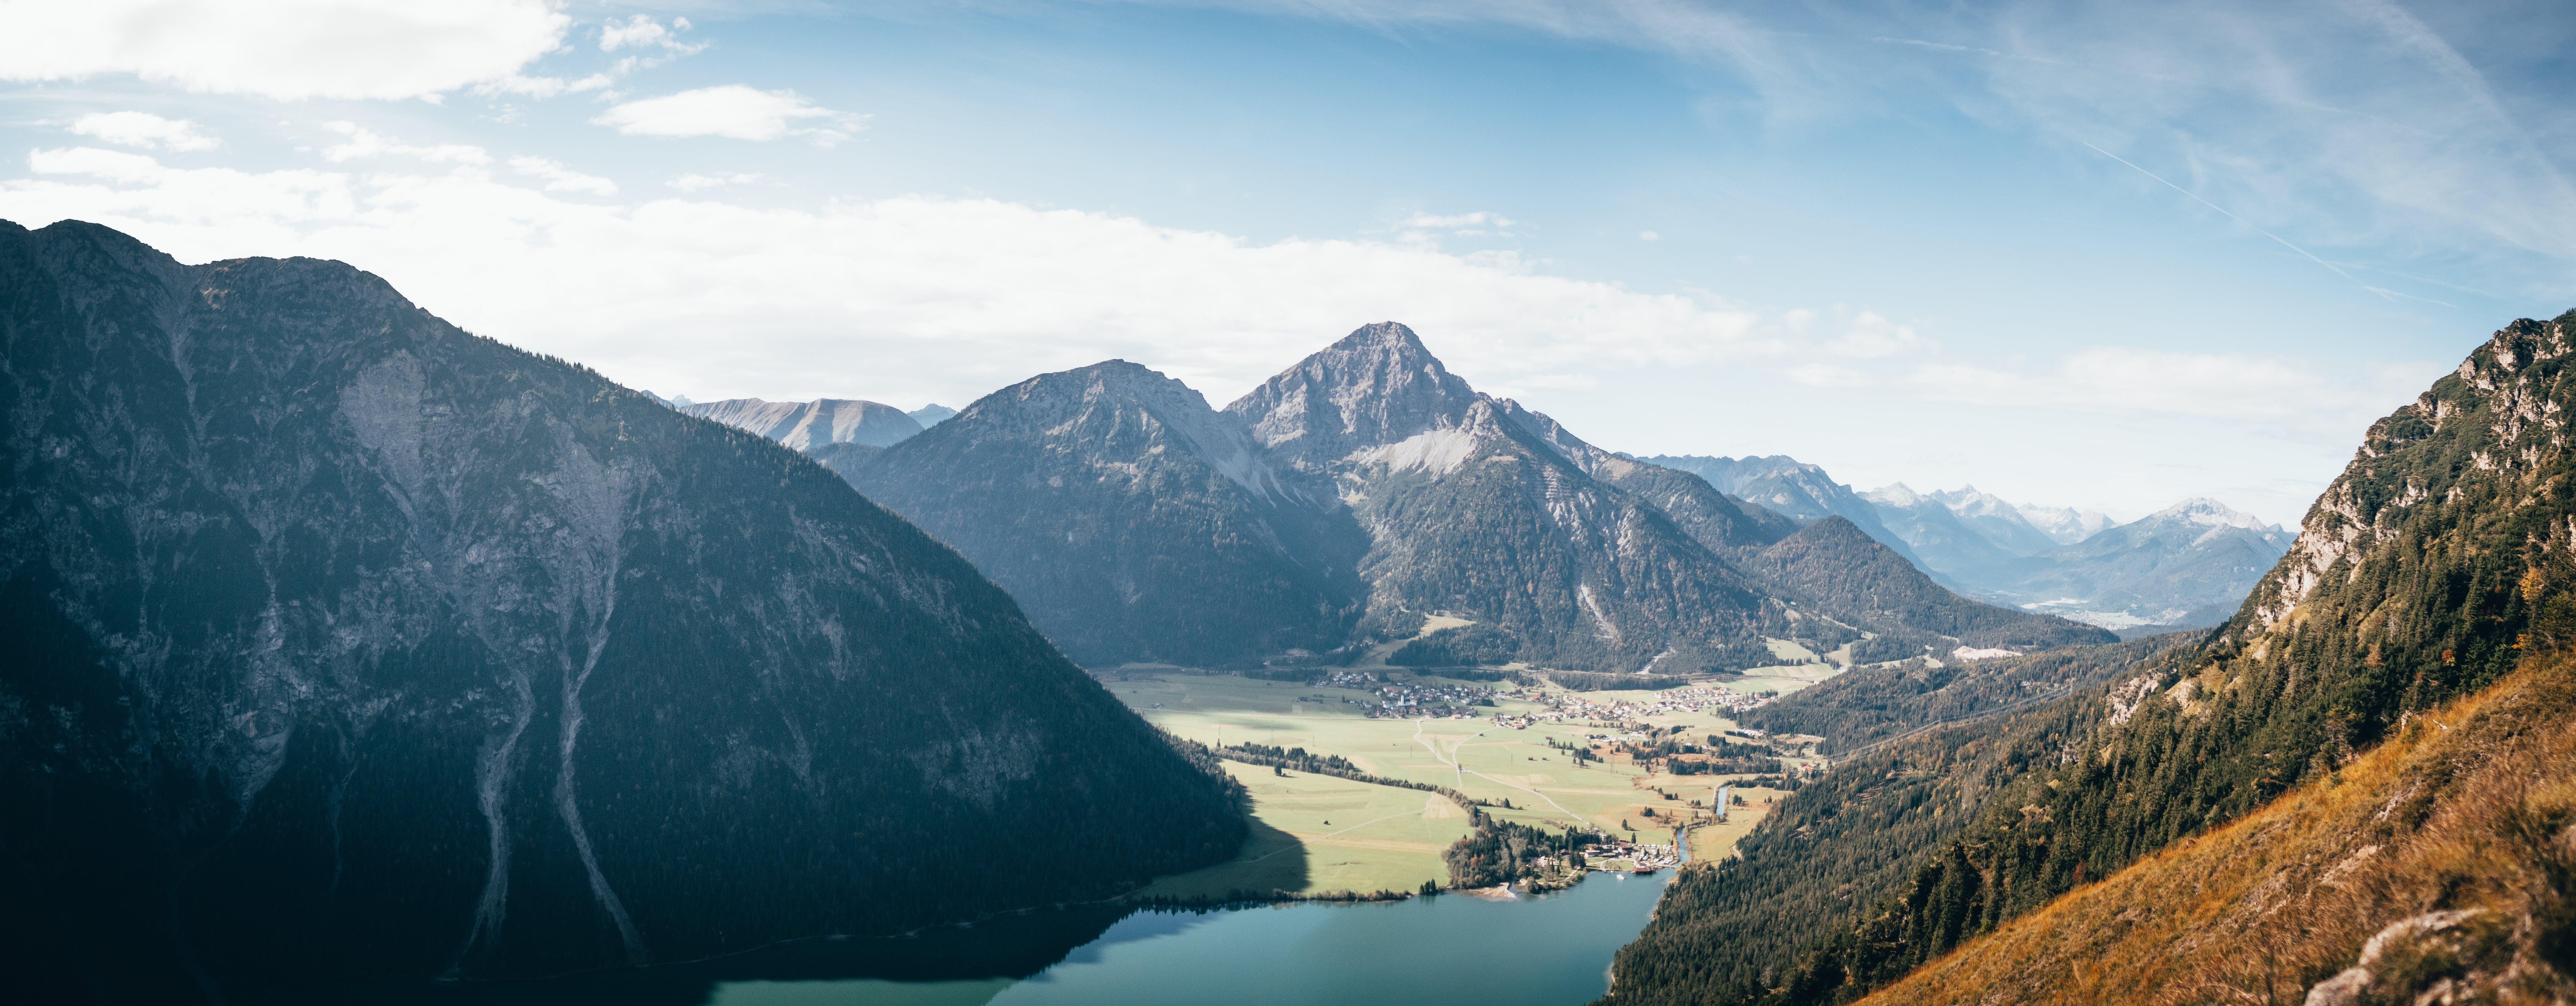 Kostenloses Stock Foto zu landschaft, natur, himmel, wasser